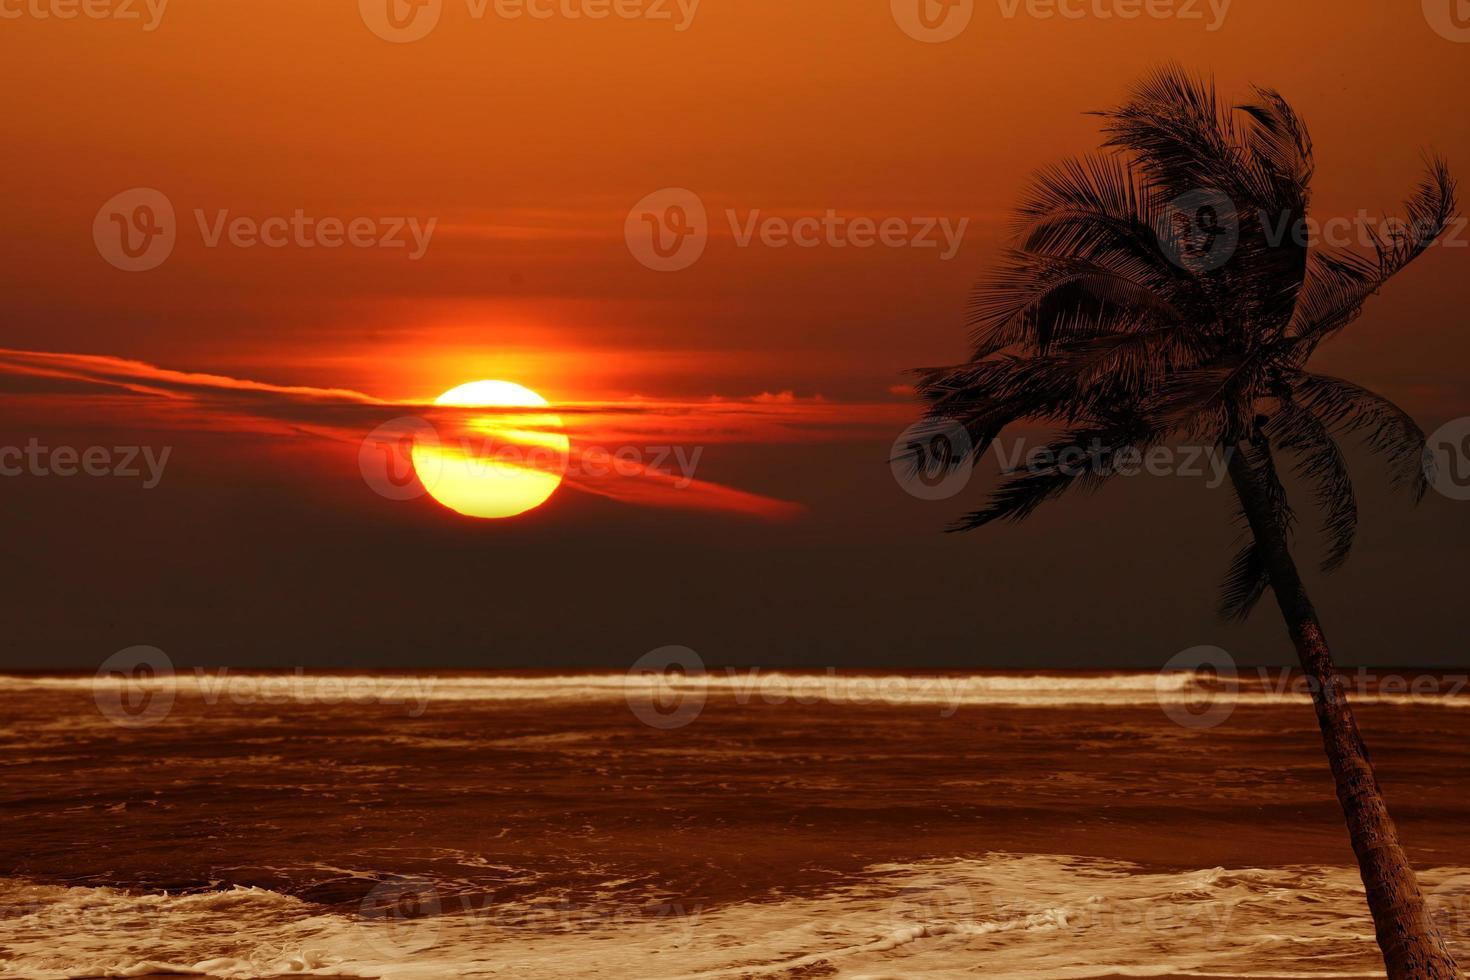 eenzame palmboom bij zonsopgang met dramatische kleuren foto